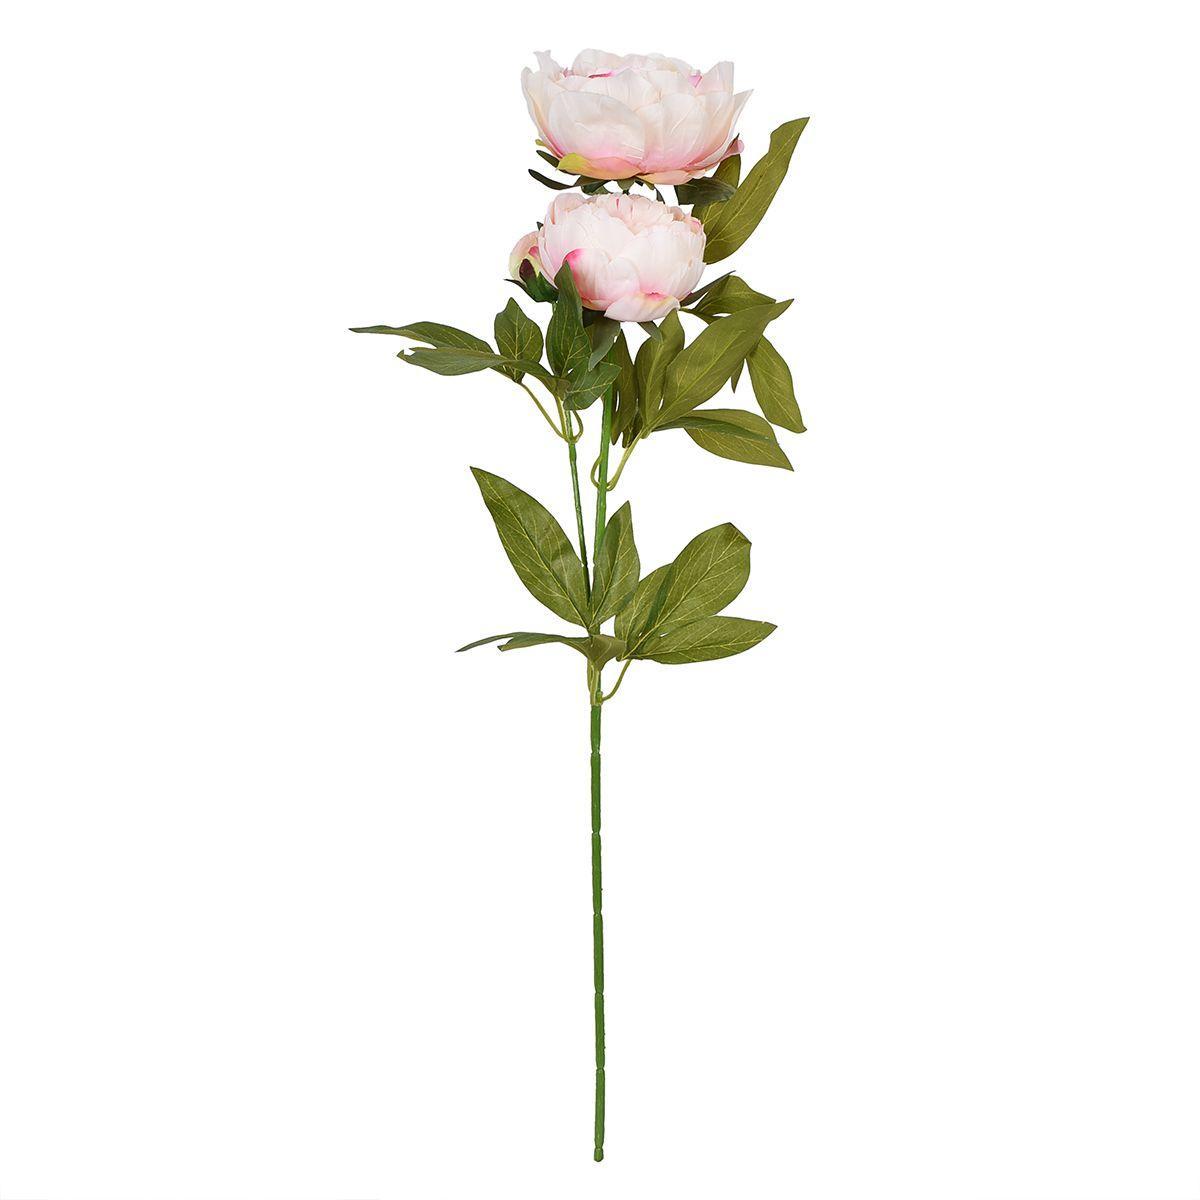 Декоративные пышные цветы Пиона нежно-розового цвета